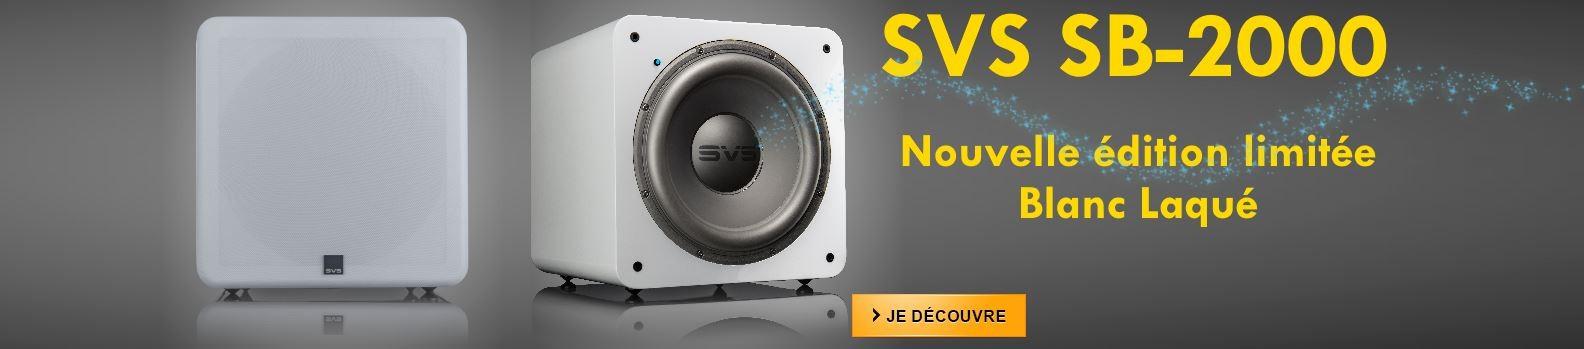 SVS SB-2000 blanc laqué disponible en édition limitée